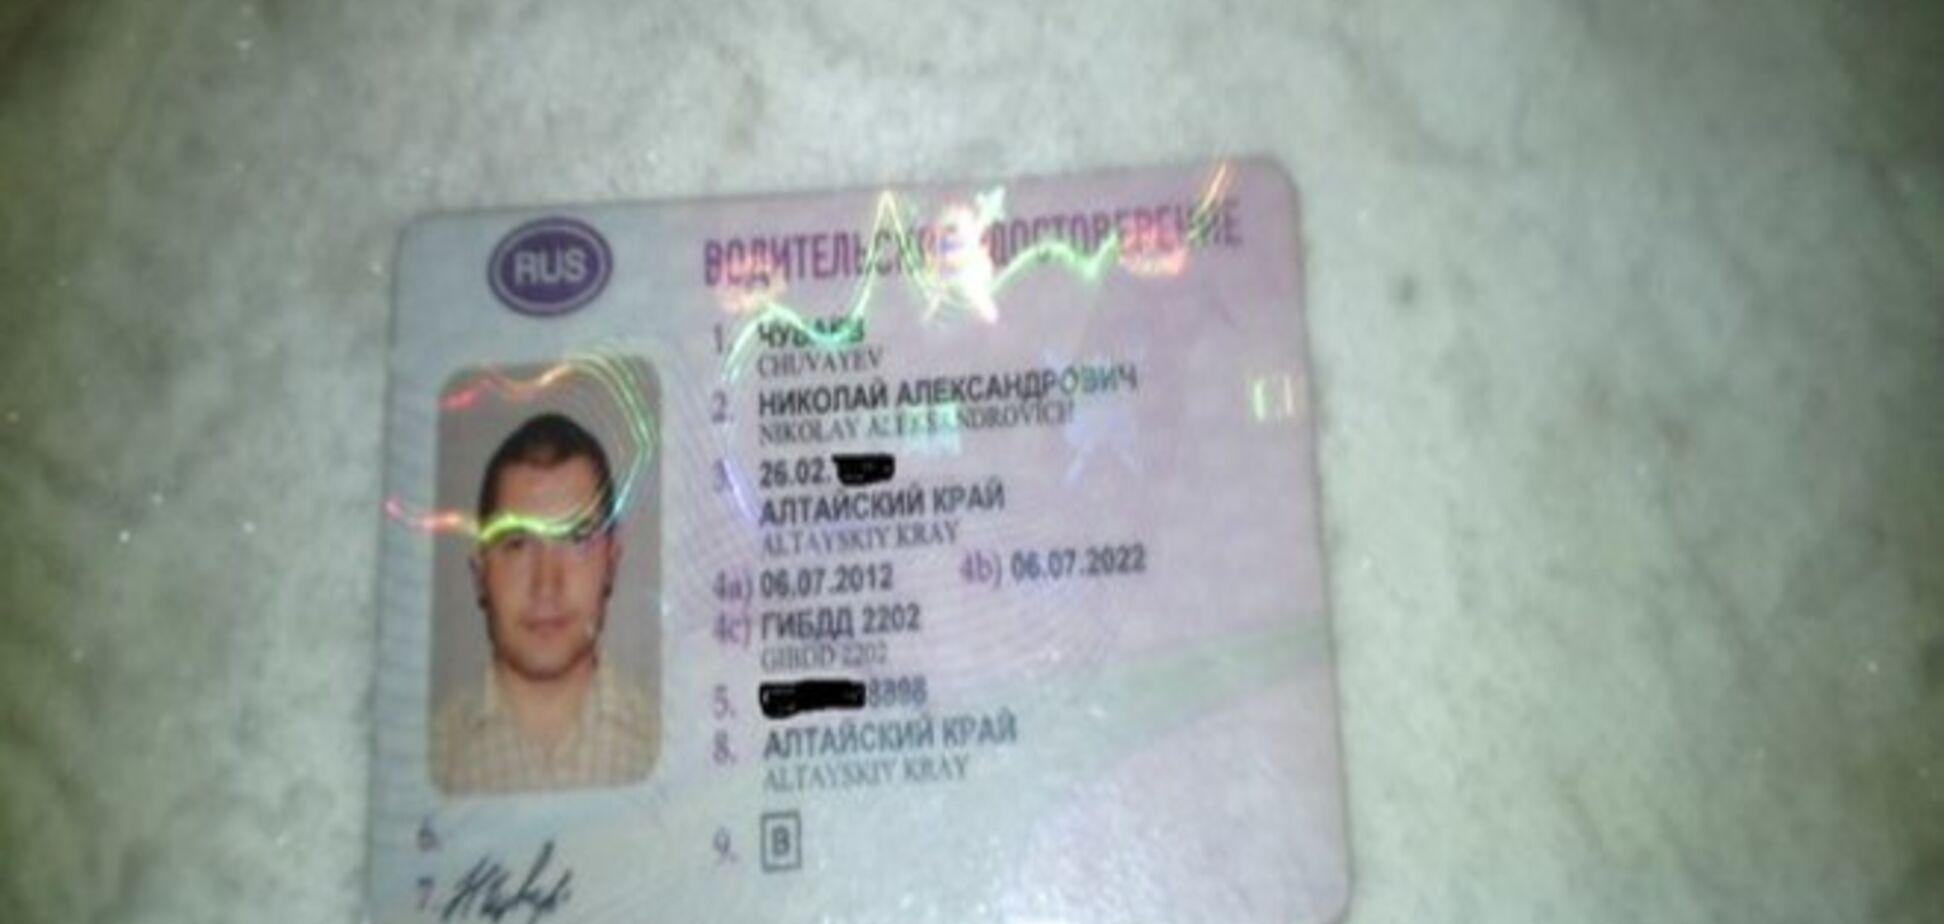 Под донецким аэропортом погиб 'заблудившийся в Украине' водитель из России: опубликованы фото